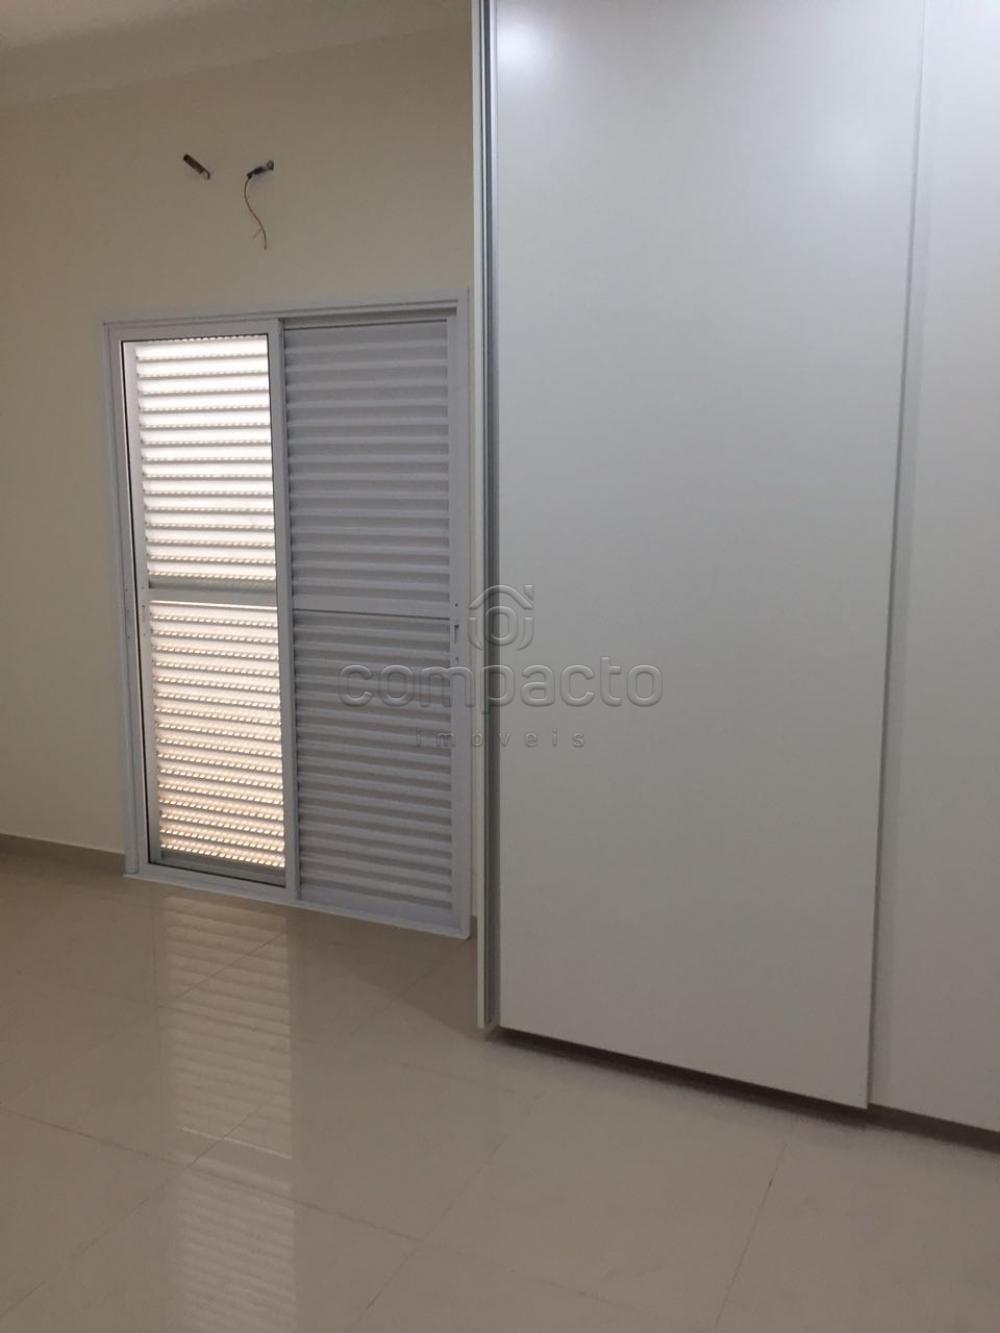 Comprar Casa / Condomínio em Mirassol apenas R$ 570.000,00 - Foto 6